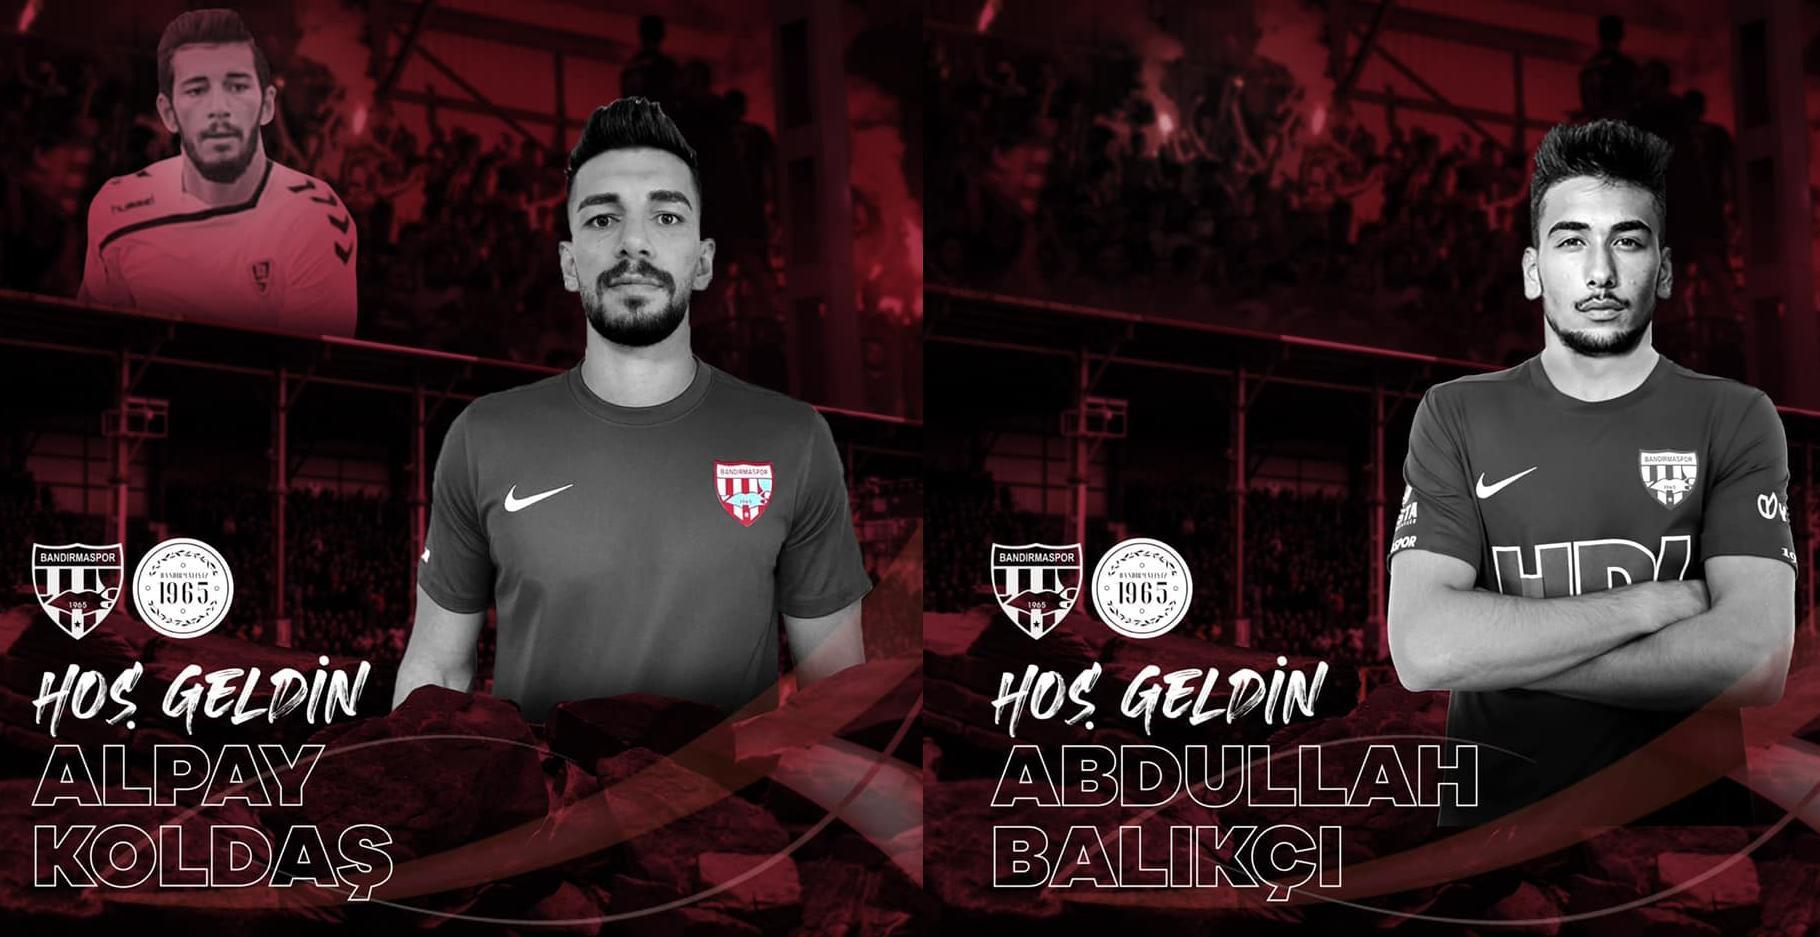 Bandırmaspor, Uşaksporlu iki orta saha oyuncusunu renklerine 2'şer yıllık anlaşma ile bağladı.